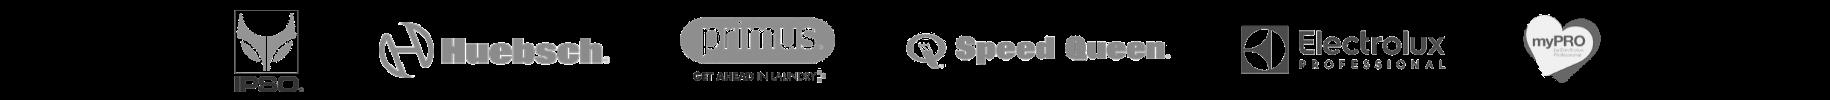 Ipso | Huebsch | Primus | Speed Queen | Electrolux MyPro XL